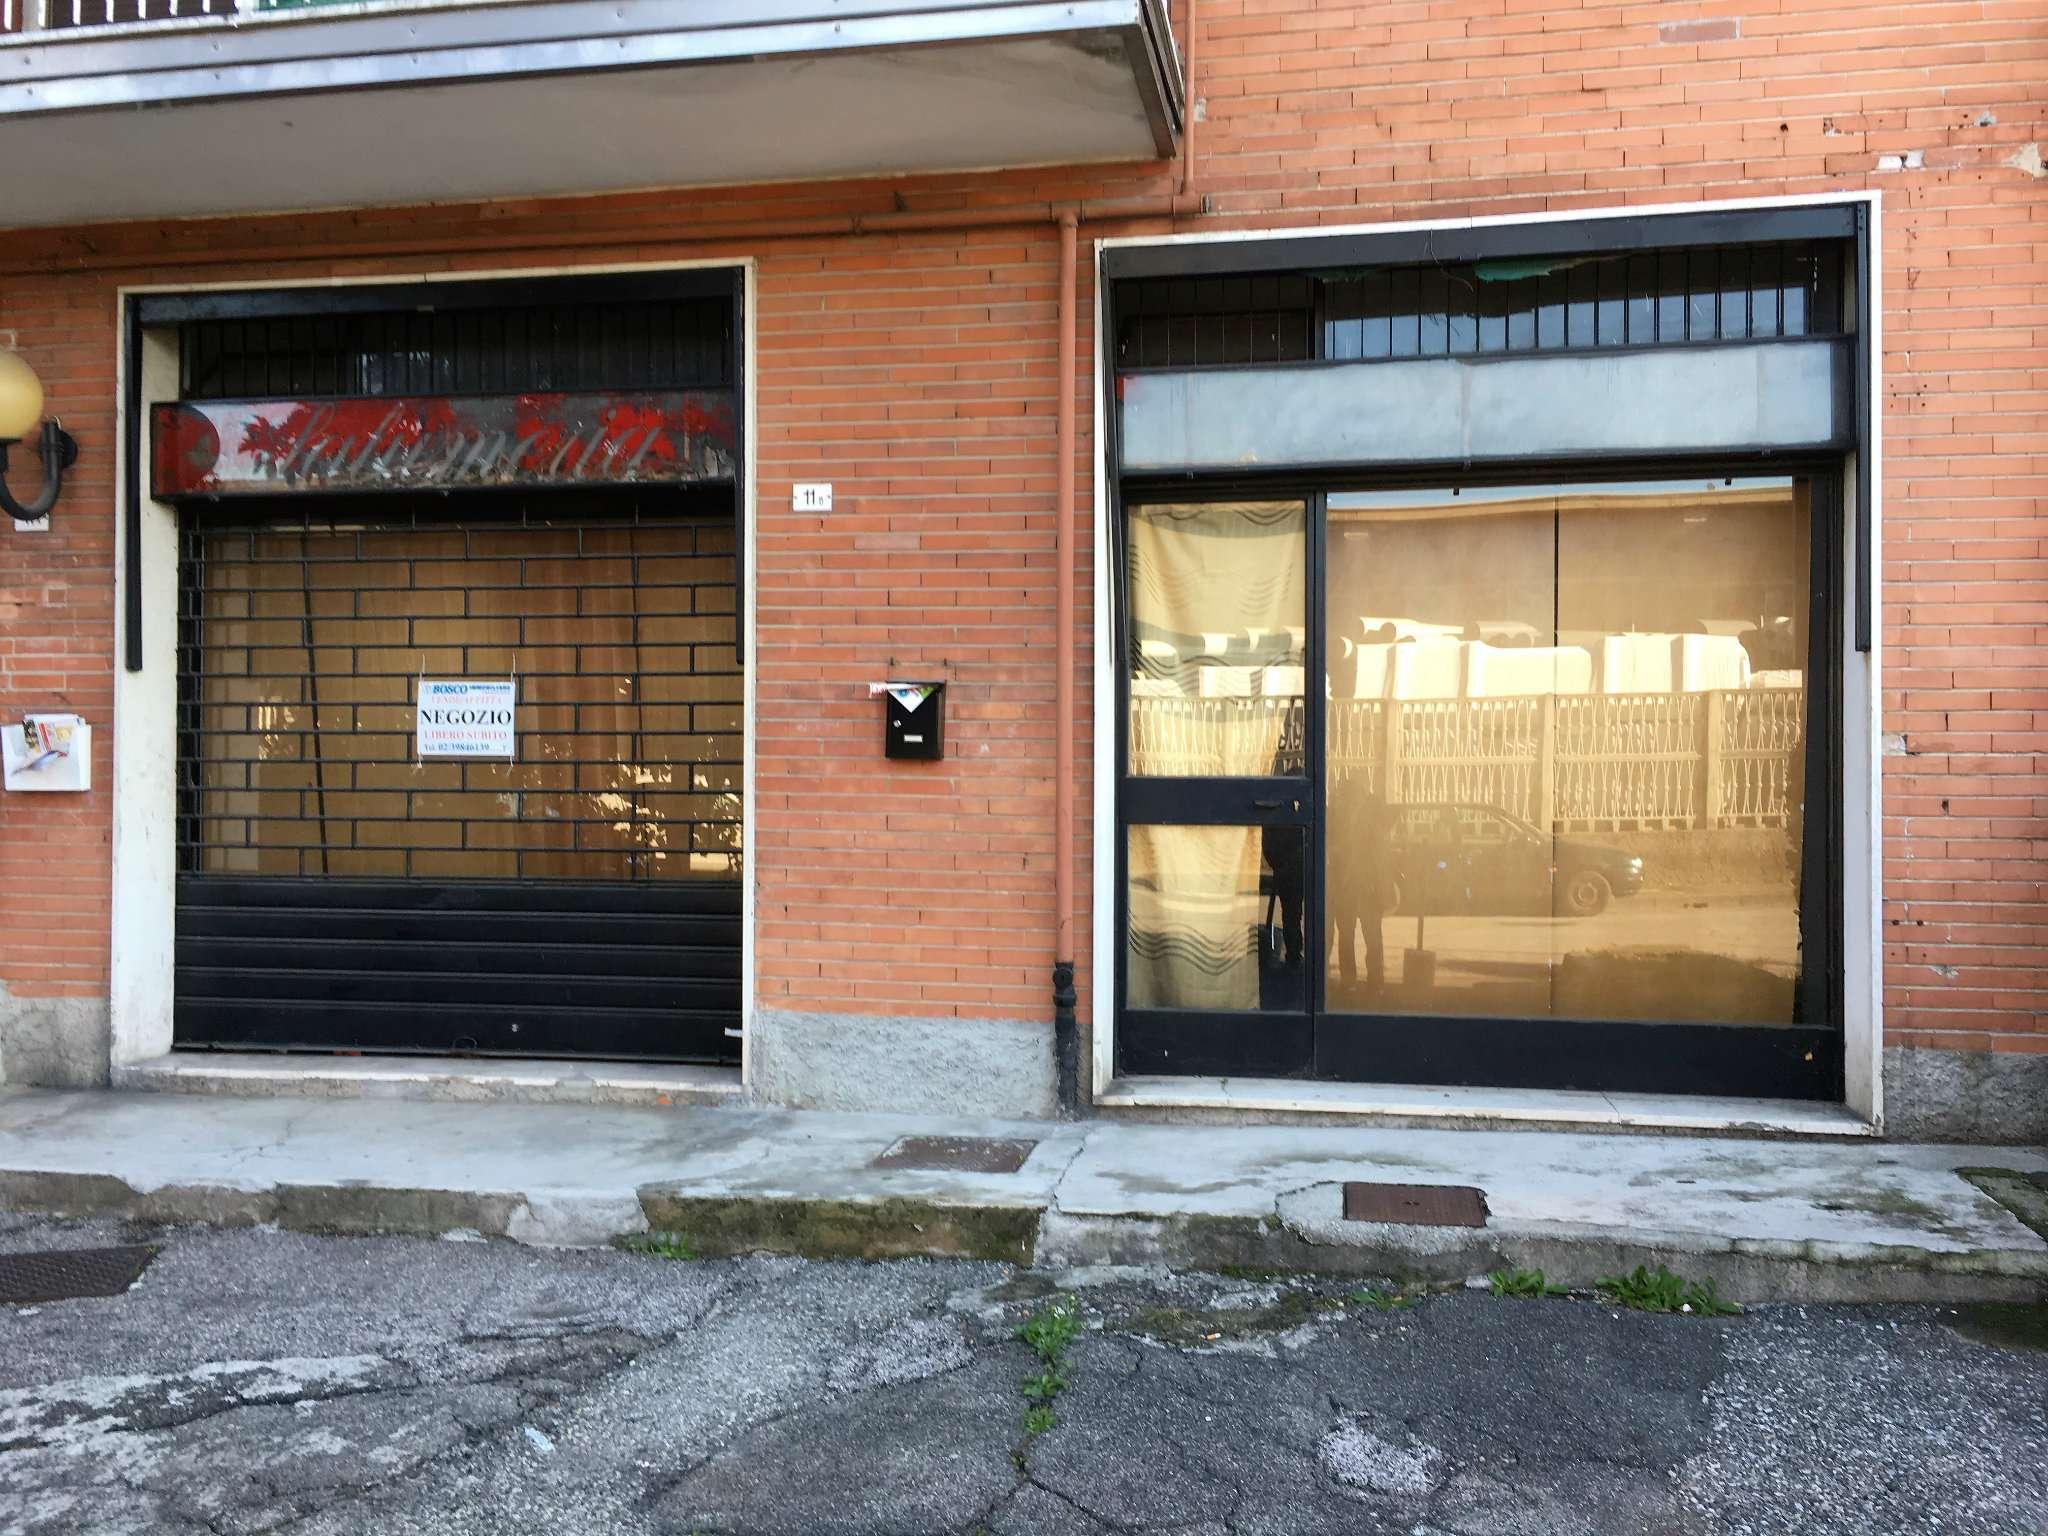 Negozio / Locale in vendita a Mediglia, 9999 locali, prezzo € 70.000 | CambioCasa.it